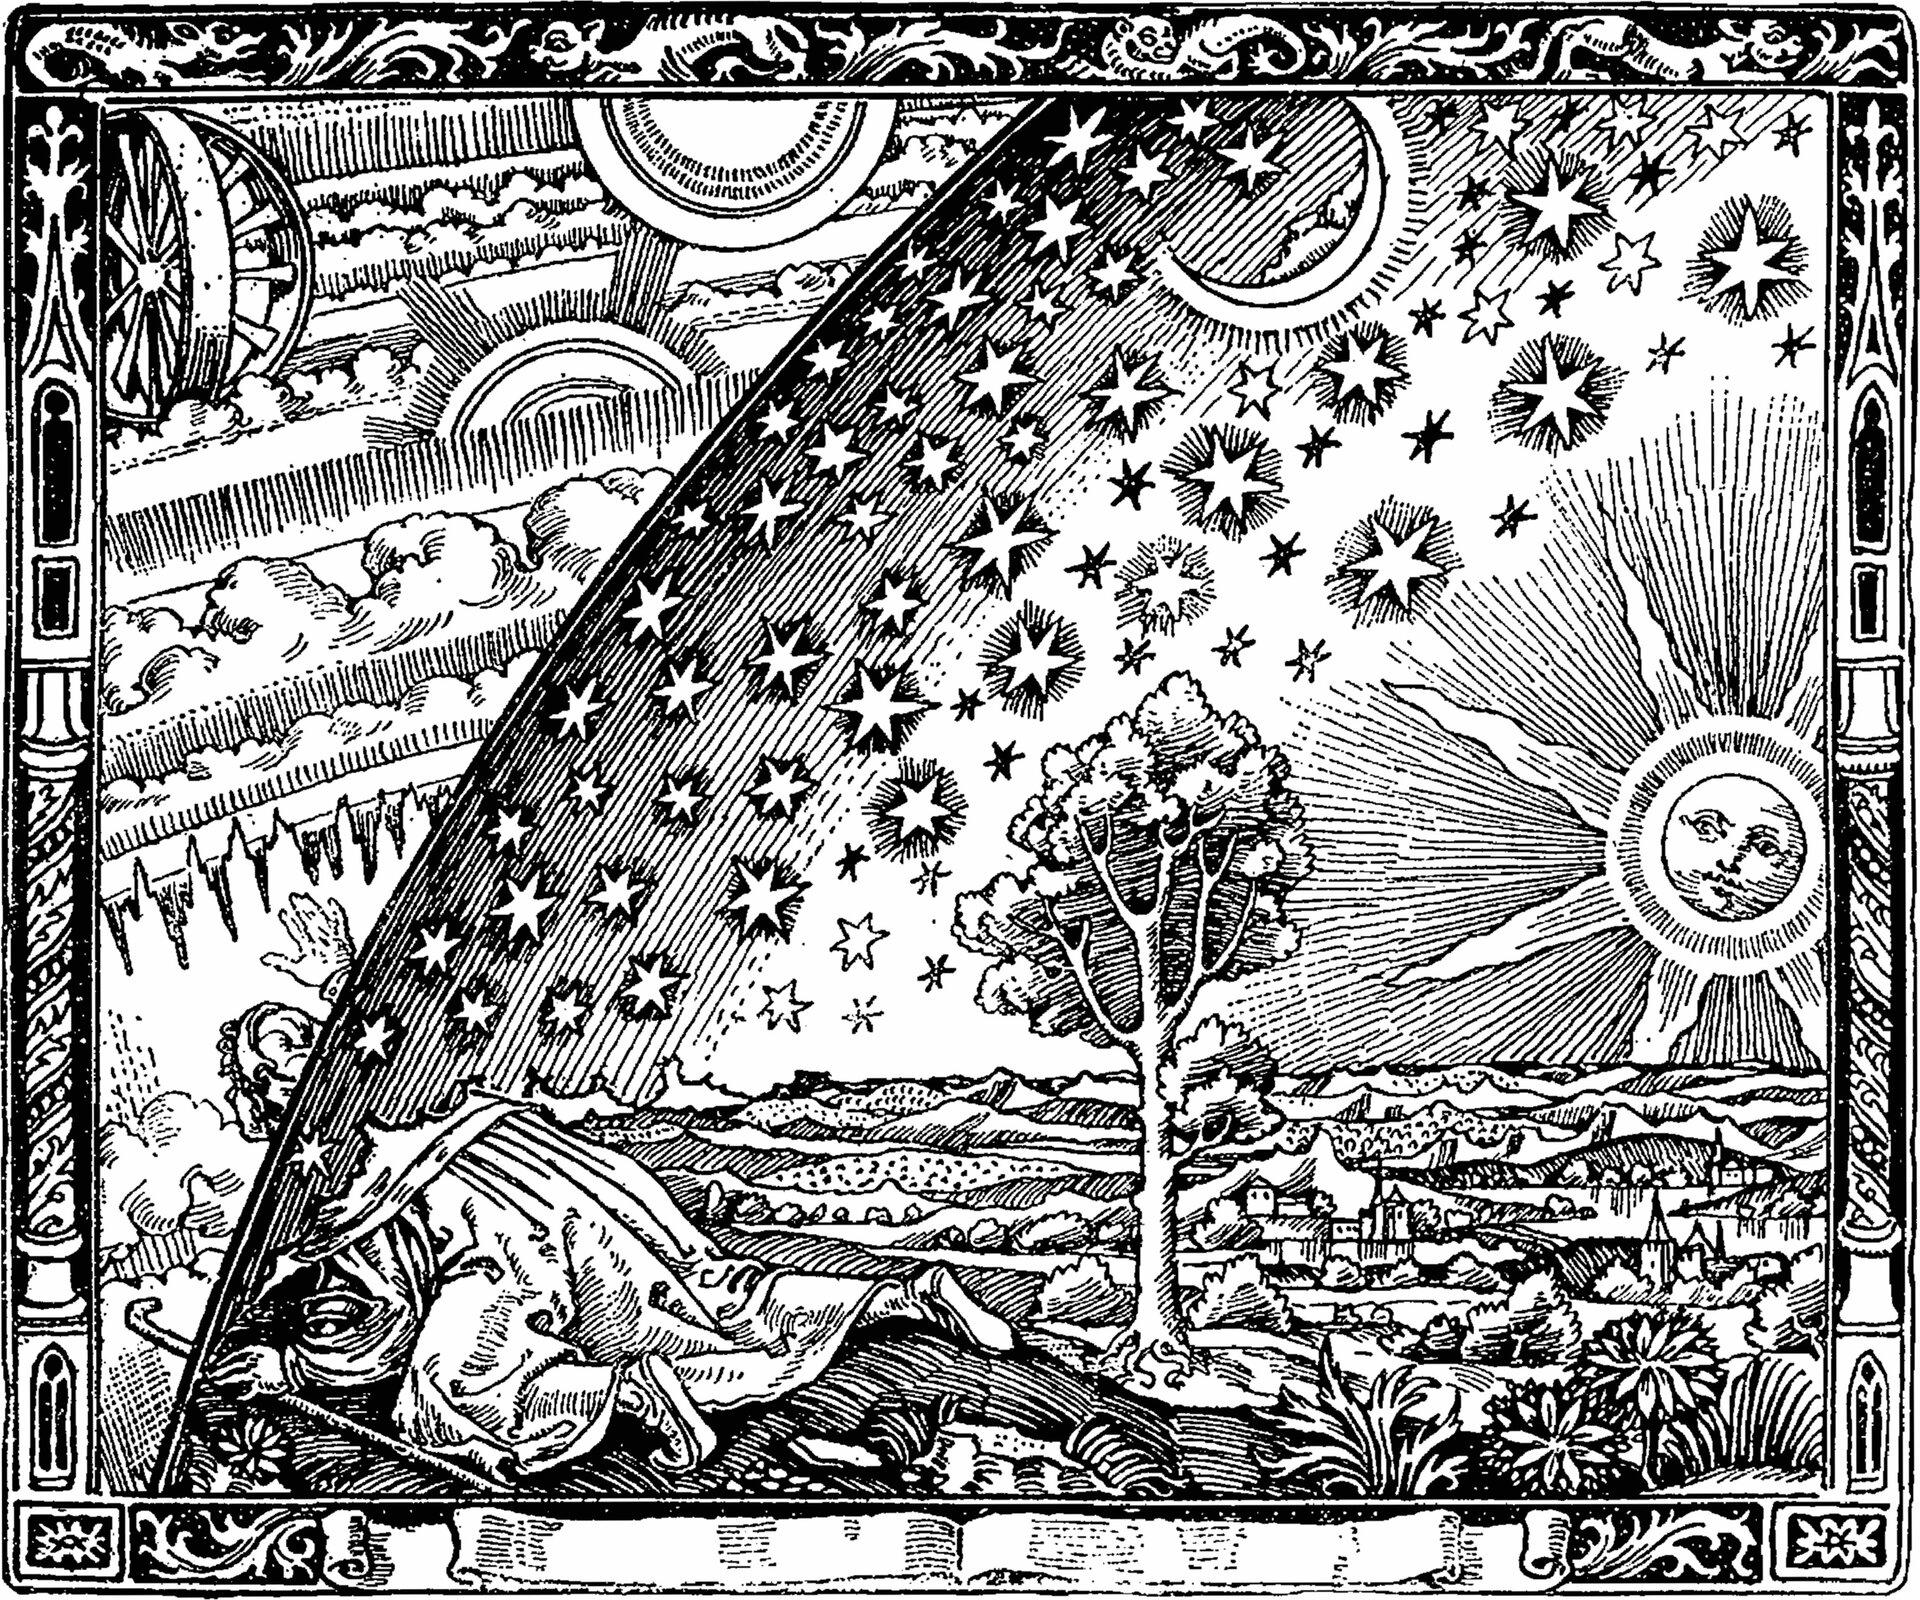 Druga ilustracja przedstawia drzeworyt obrazujący wyobrażenia kształtu Ziemi. Obraz jest czarno-biały. Wcentrum ilustracji znajduje się drzewo liściaste. Wtle widoczne zabudowania małego miasteczka. Wokół miasteczka teren pagórkowaty. Po prawej stronie Słońce. Tarcza Słońca to ludzka twarz. Duże oczy, nos iusta. Od Słońca symetrycznie rozchodzą się duże promienie. Widocznych jest tylko sześć. Prawa strona ilustracji jest oddzielona półokrągłym nieboskłonem. Na sklepieniu nieba znajdują się gwiazdy oróżnej wielkości, ułożone nierównomiernie. Wgórnej części sklepienia – półksiężyc. Wewnątrz półksiężyca znajduje się twarz. Twarz irogi półksiężyca skierowane są wlewo. Wlewym dolnym rogu ilustracji nieboskłon styka się zZiemią. Wmiejscu tego styku znajduje się człowiek – podróżnik czołgający się na kolanach. Tułów ilewe ramię położone są po prawej stronie sklepienia. Wlewej ręce podróżnik trzyma laskę, którą przyciska do ziemi. Głowa iprawa ręka znajdują się po drugiej stronie sklepienia. Wyraźna krawędź sklepienia dzieli ciało podróżnika na wysokości ramion. Podróżnik obserwuje świat po drugiej stronie sklepienia. Lewa strona ilustracji przedstawia chmury, płomienie iinne słońca na górze. Wlewym górnym rogu widnieją dwa drewniane koła używane wtransporcie.